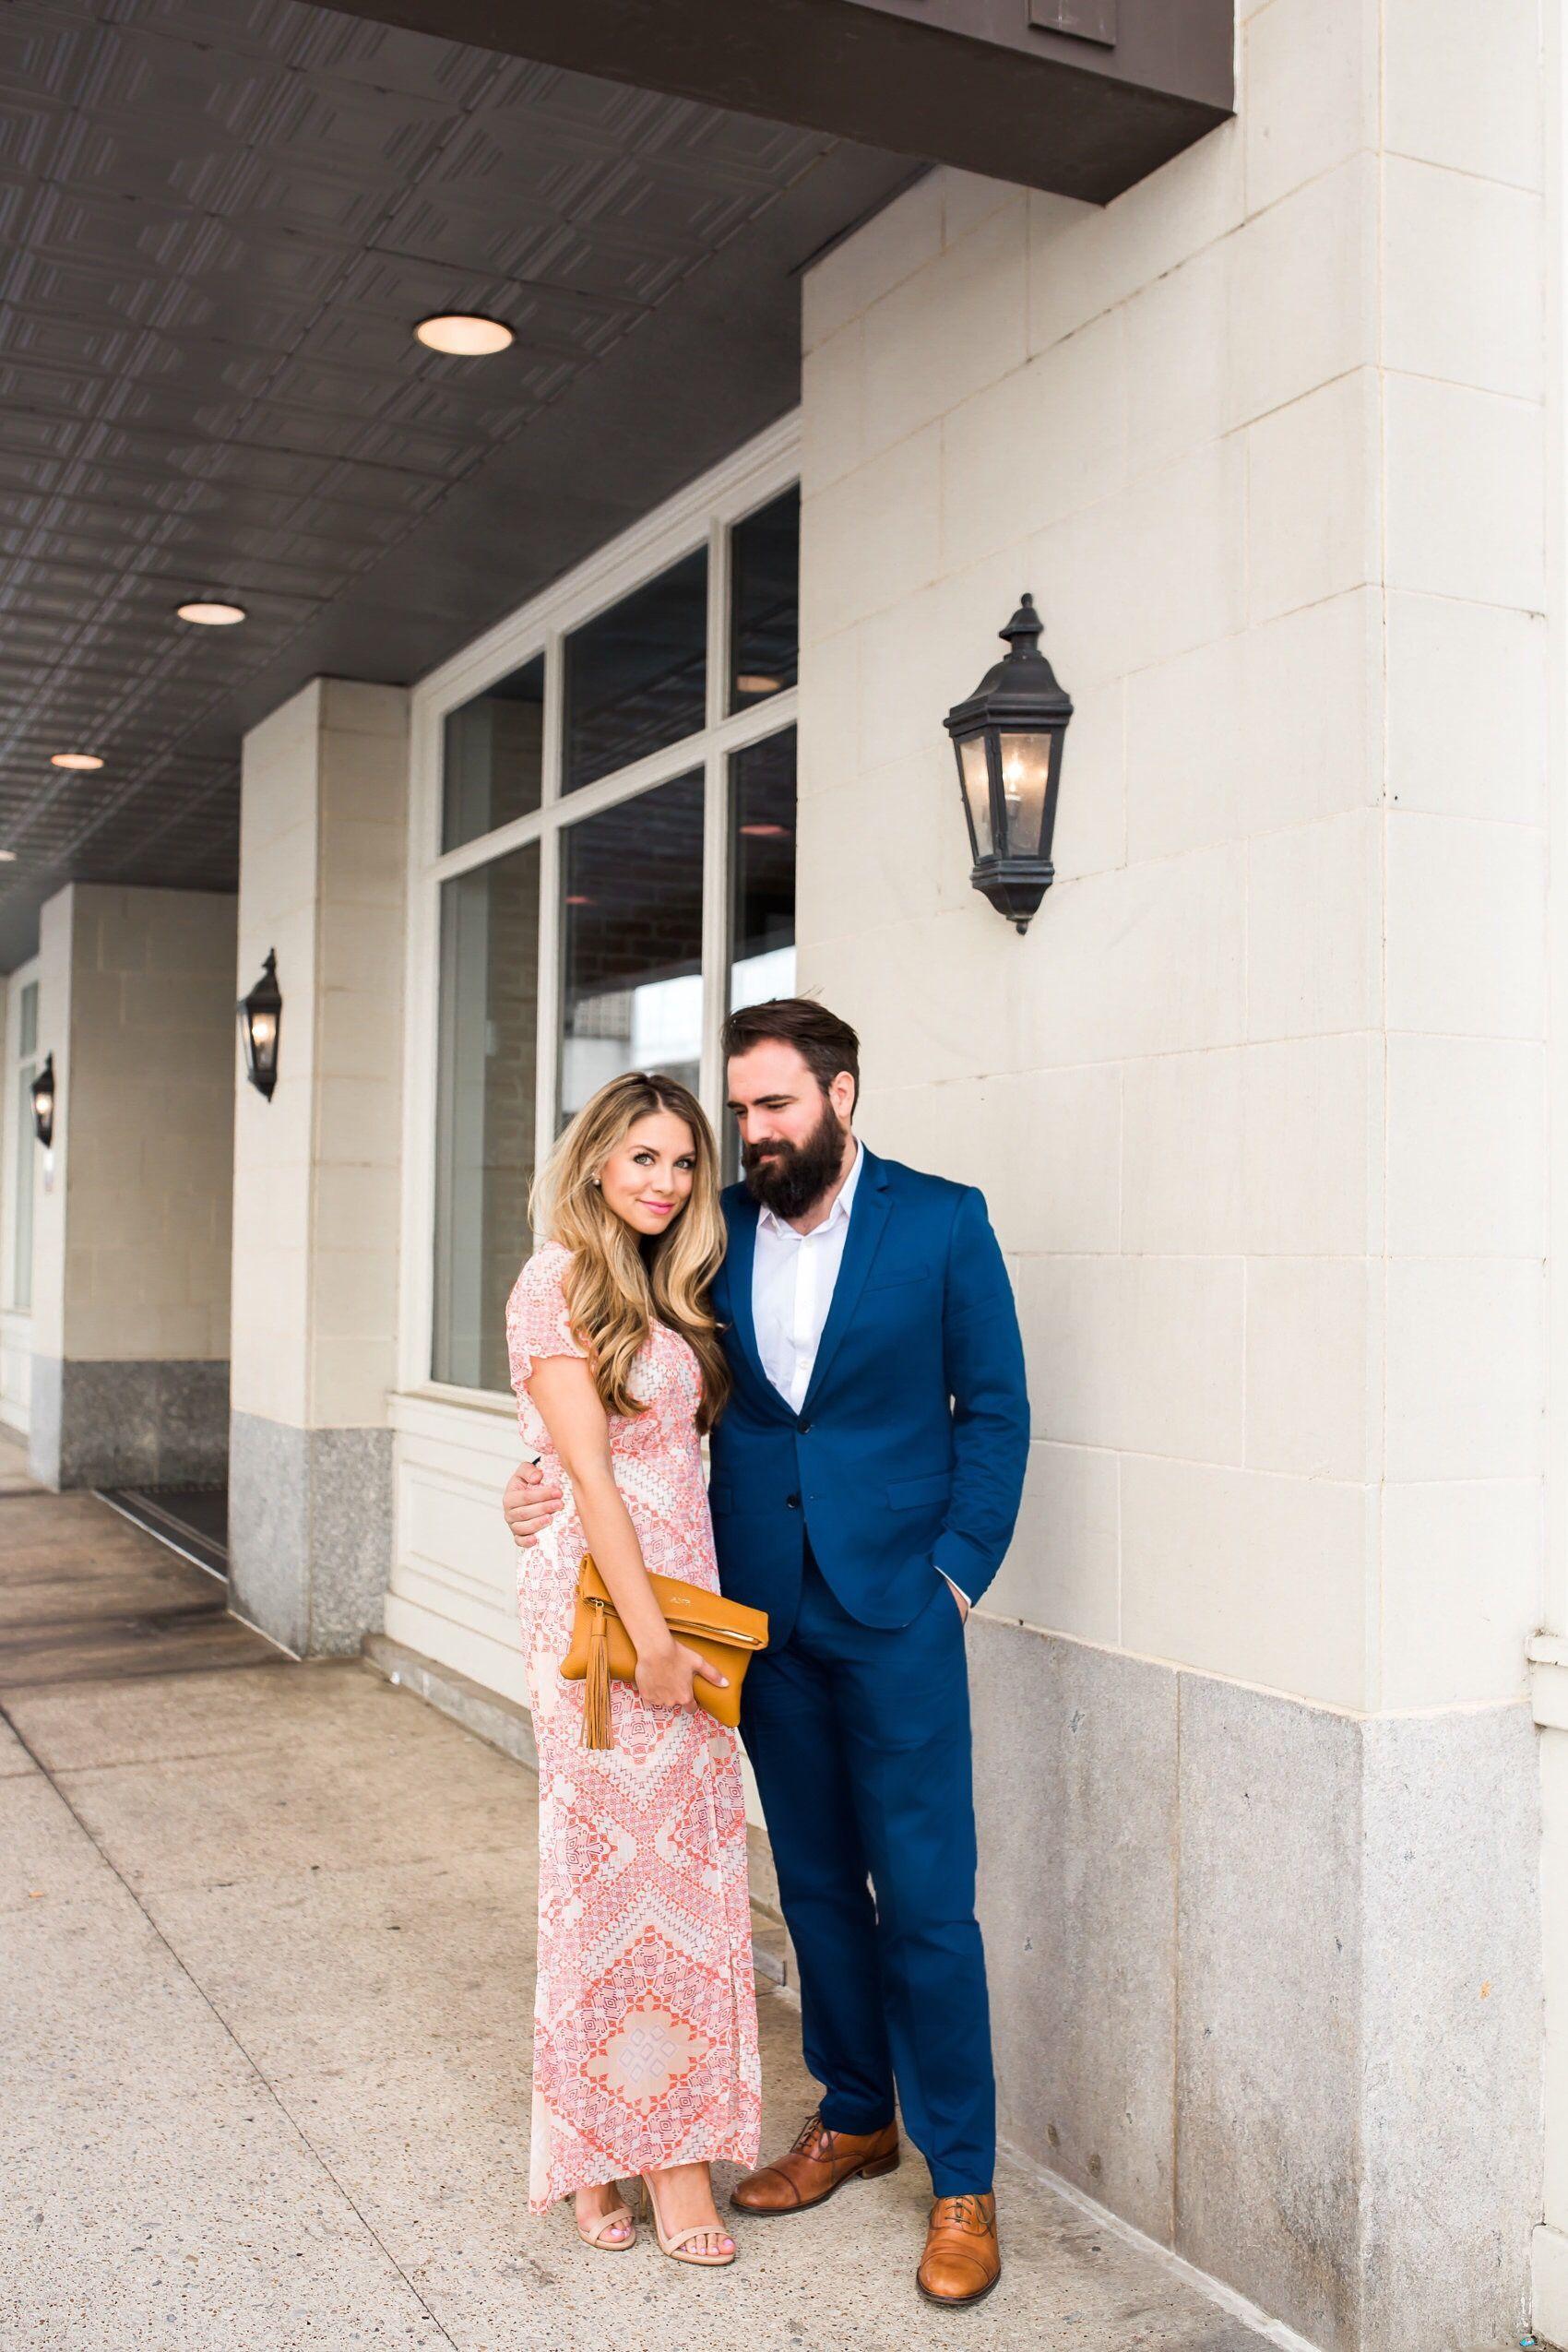 His Her Wedding Guest Attire Beach Wedding Guest Attire Wedding Attire Guest Wedding Guest Dress Summer [ 2550 x 1700 Pixel ]